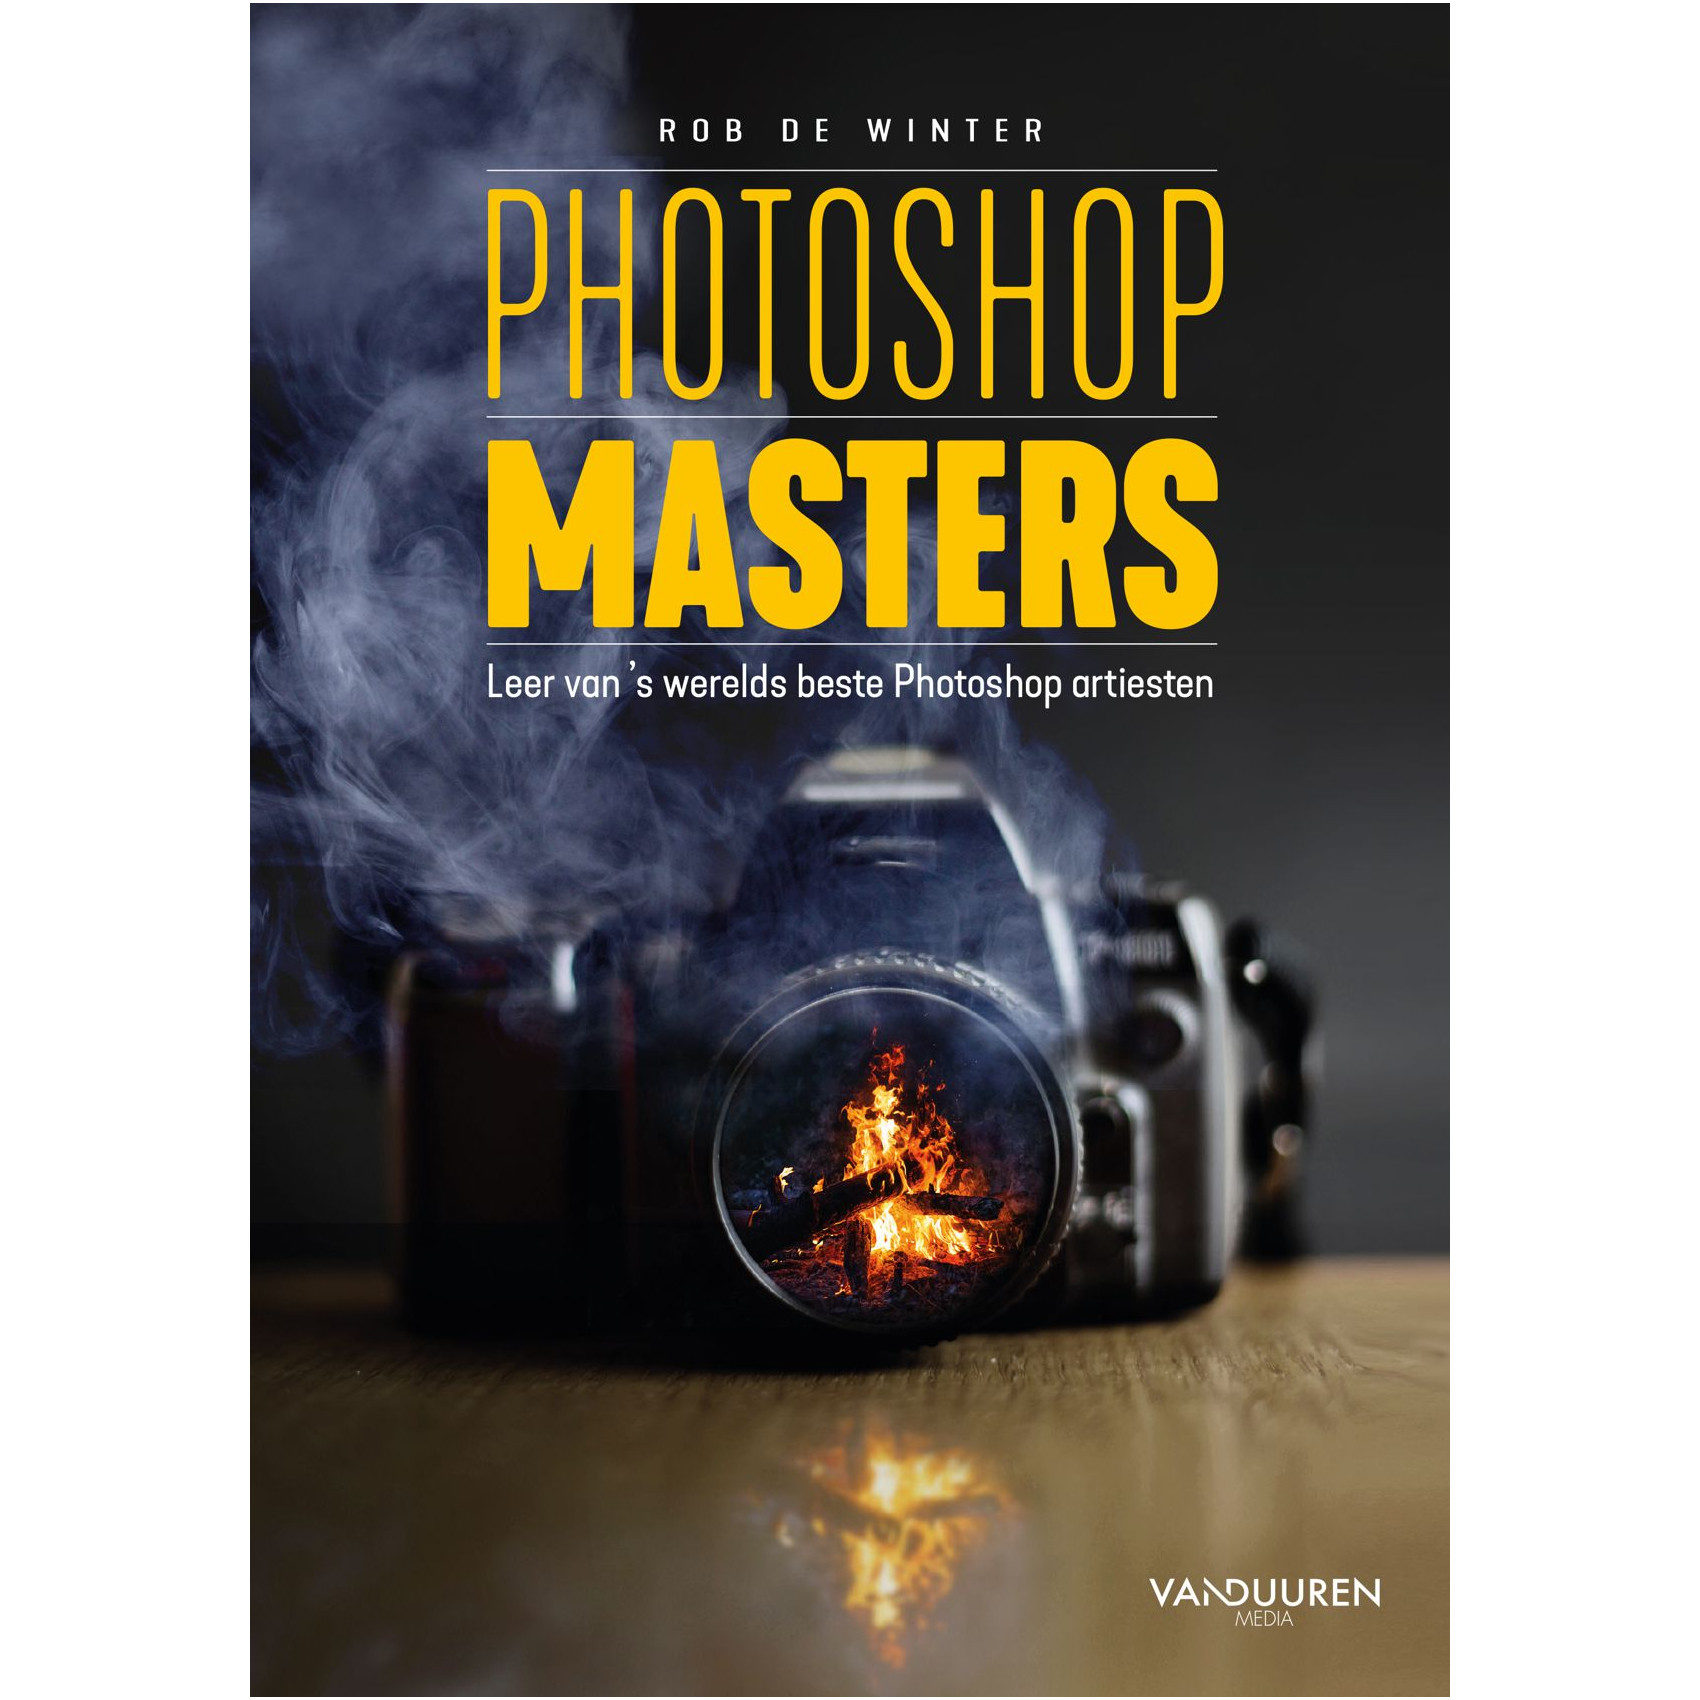 Photoshop Masters - Rob de Winter